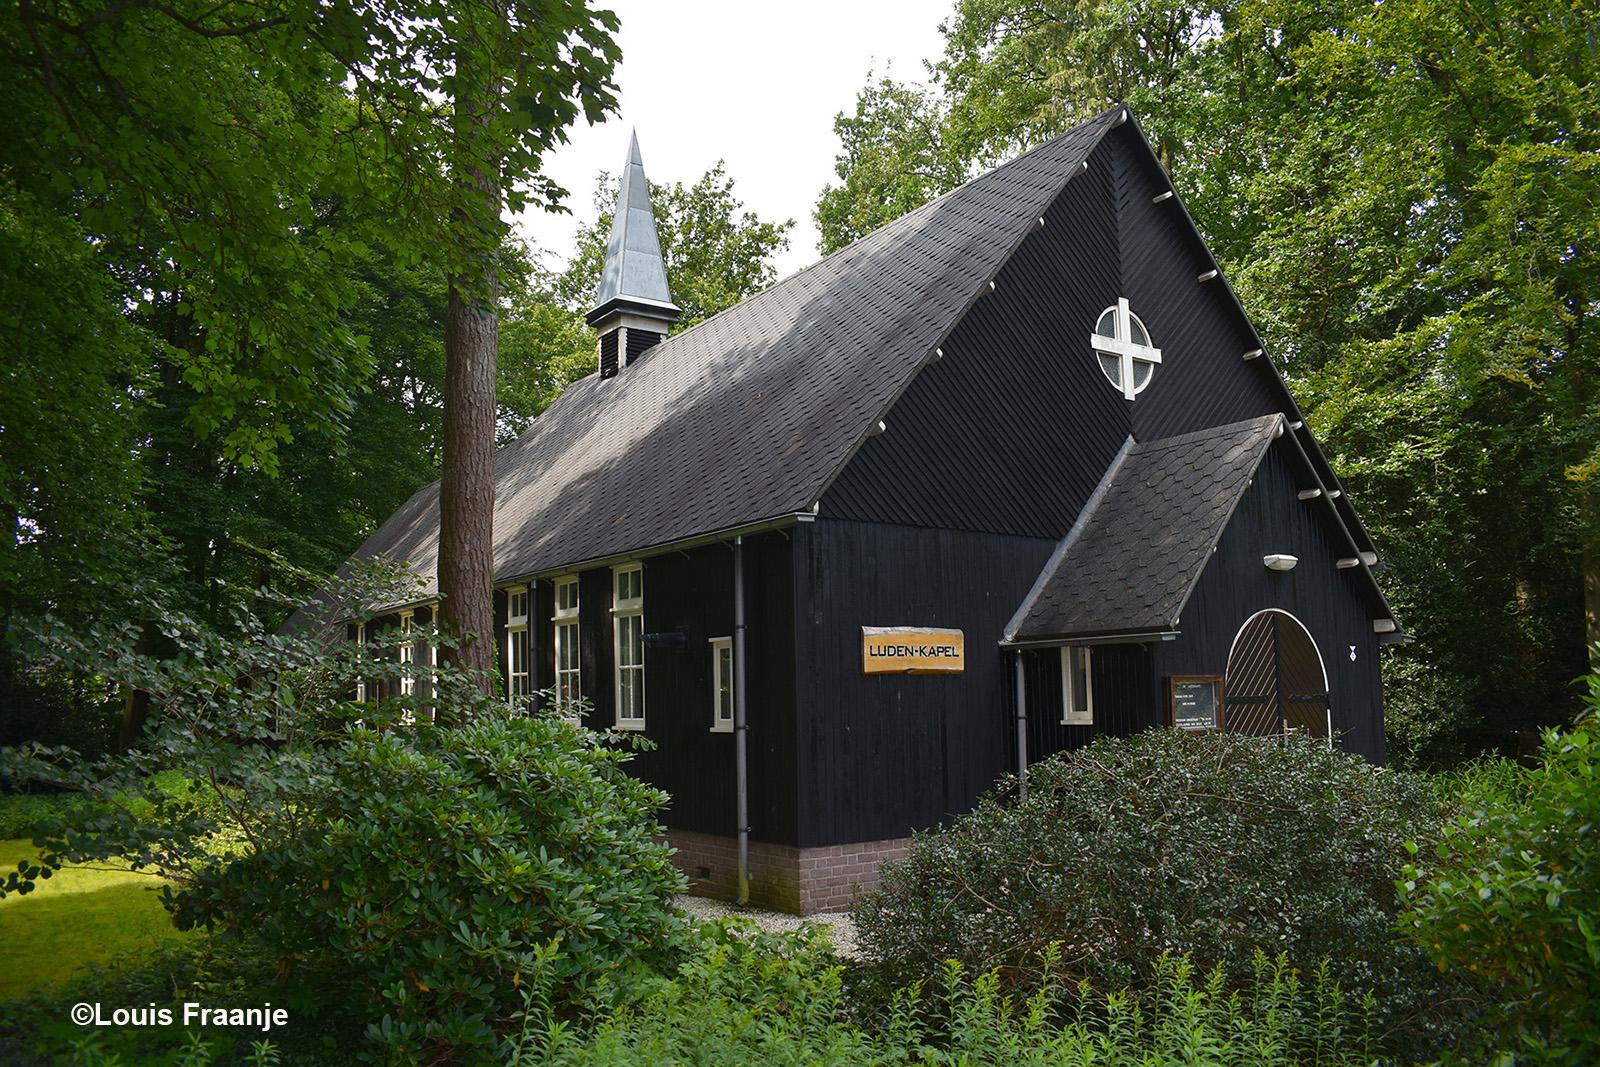 De Luden kerk aan de Berkenweg in Doorn - Foto: ©Louis Fraanje